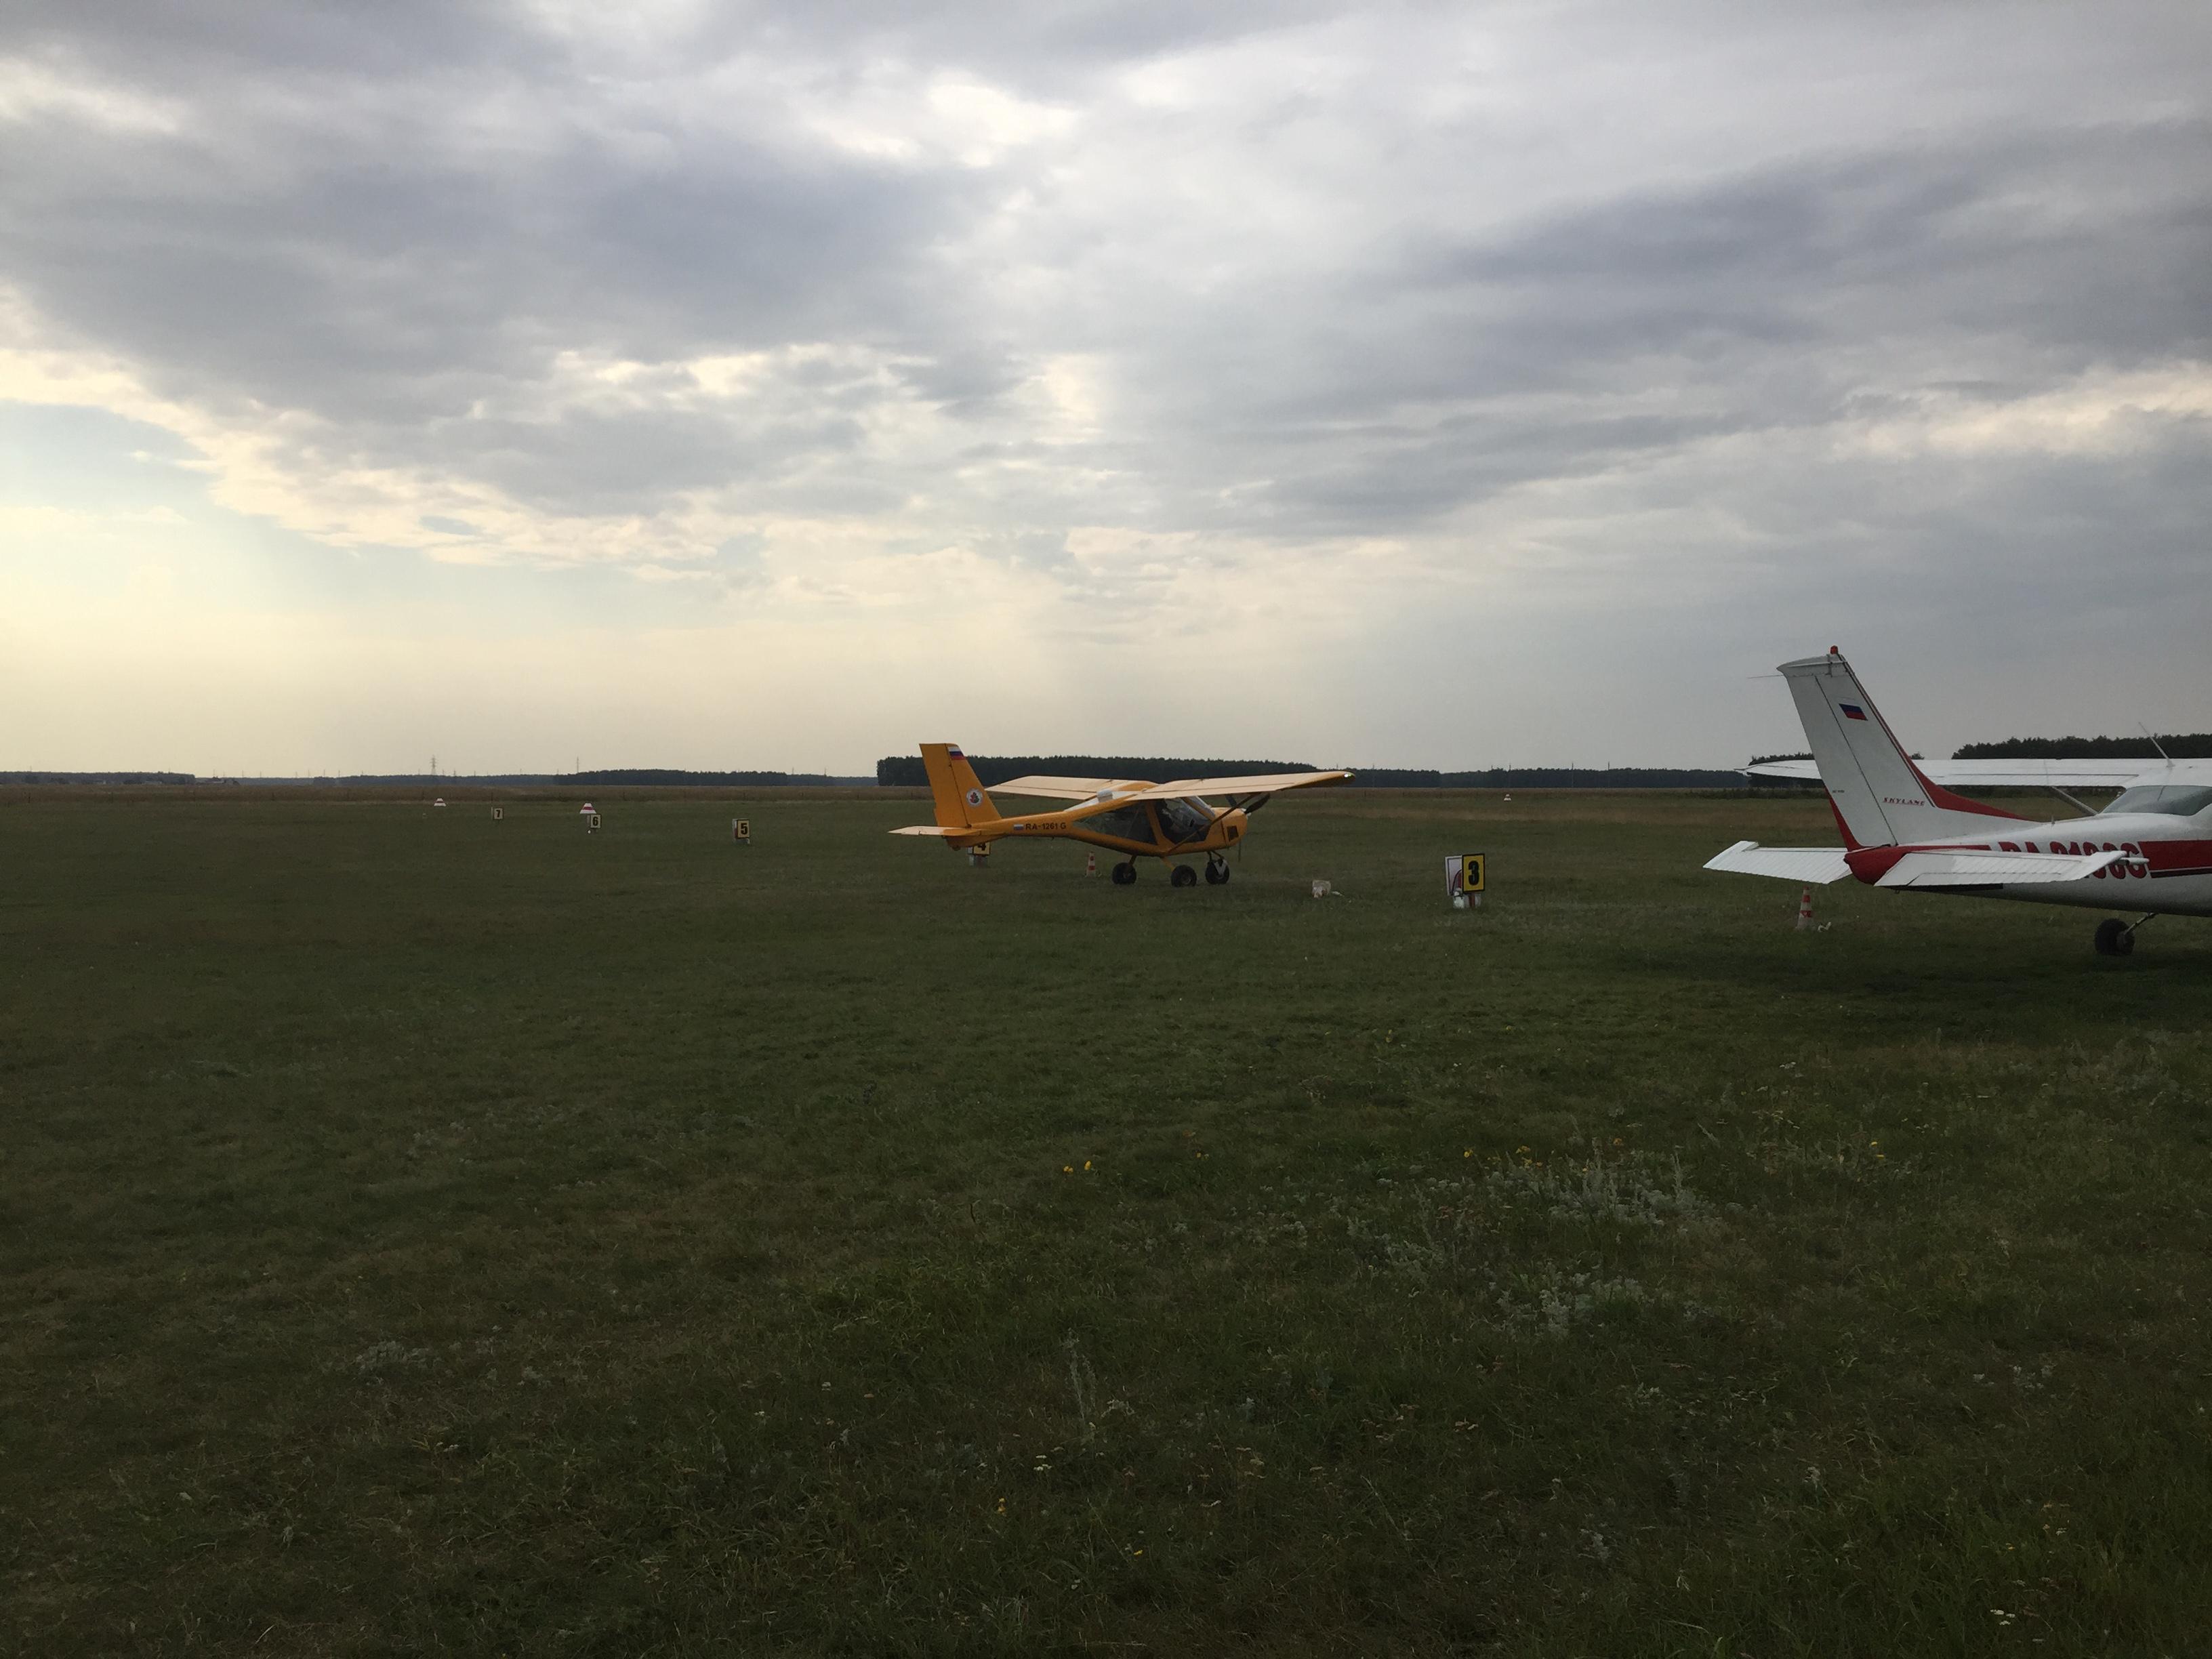 Aeroprakt